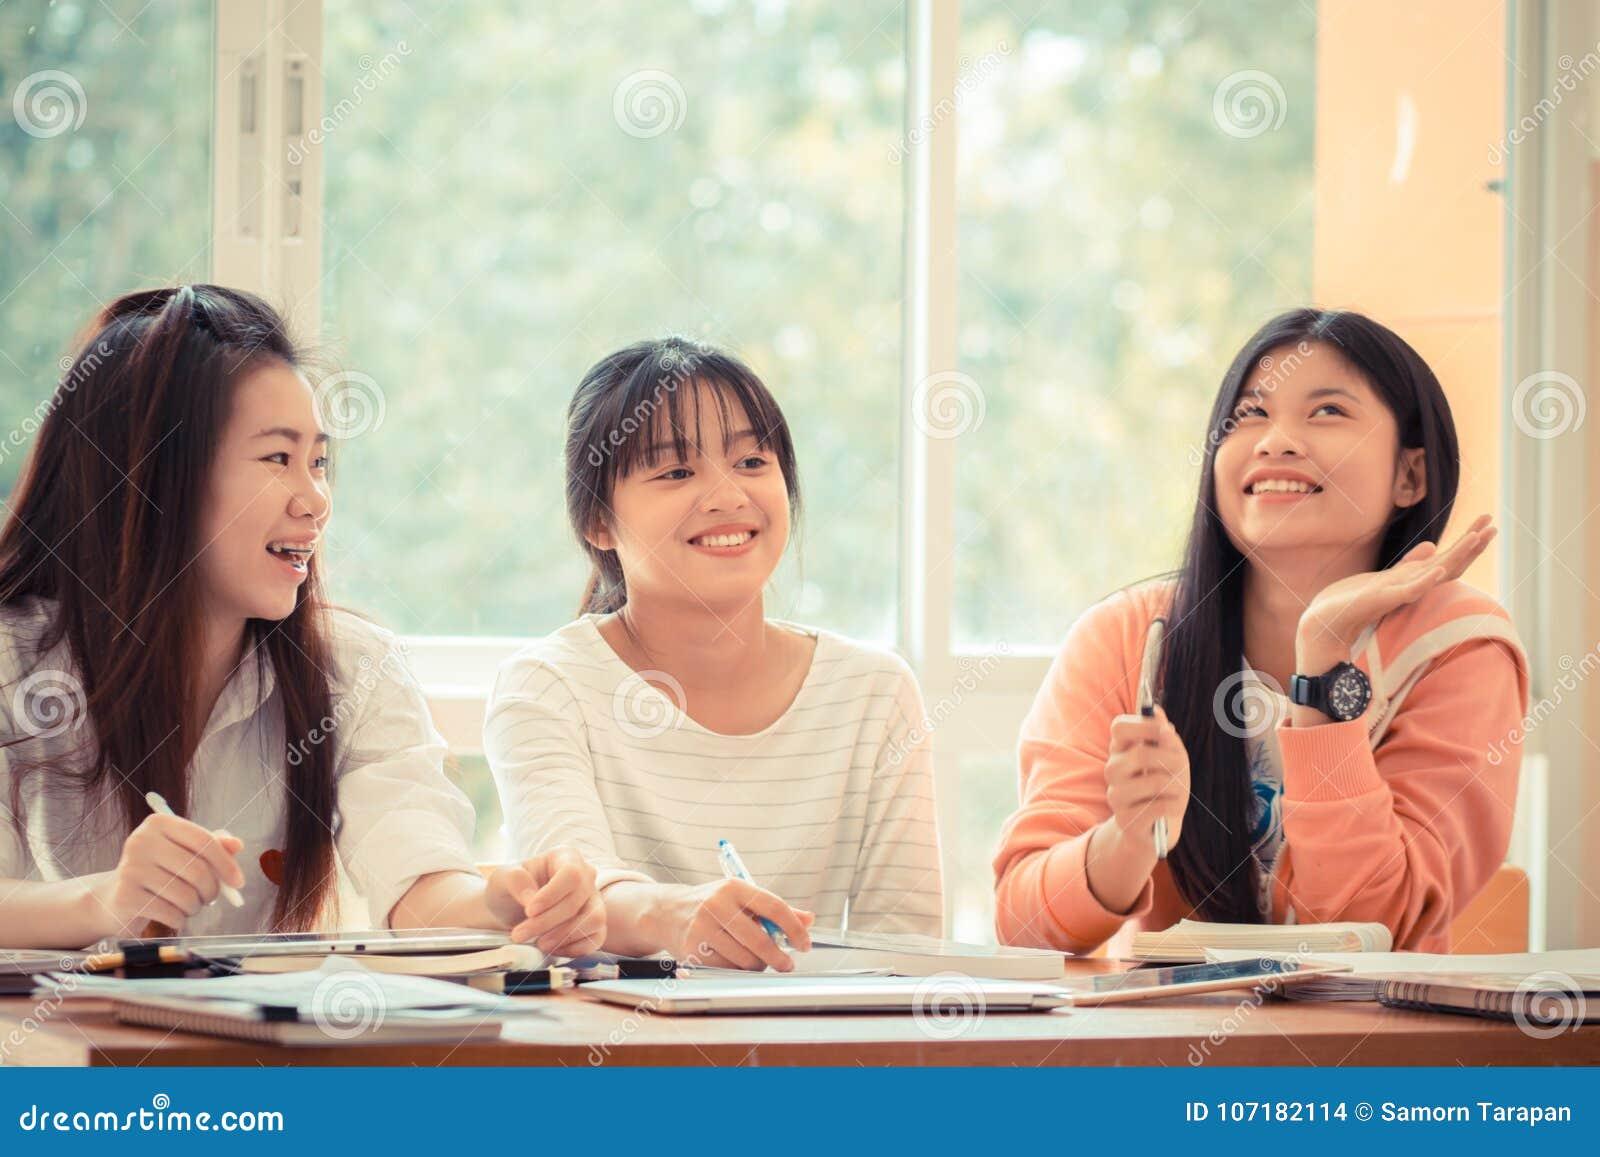 Asian study university